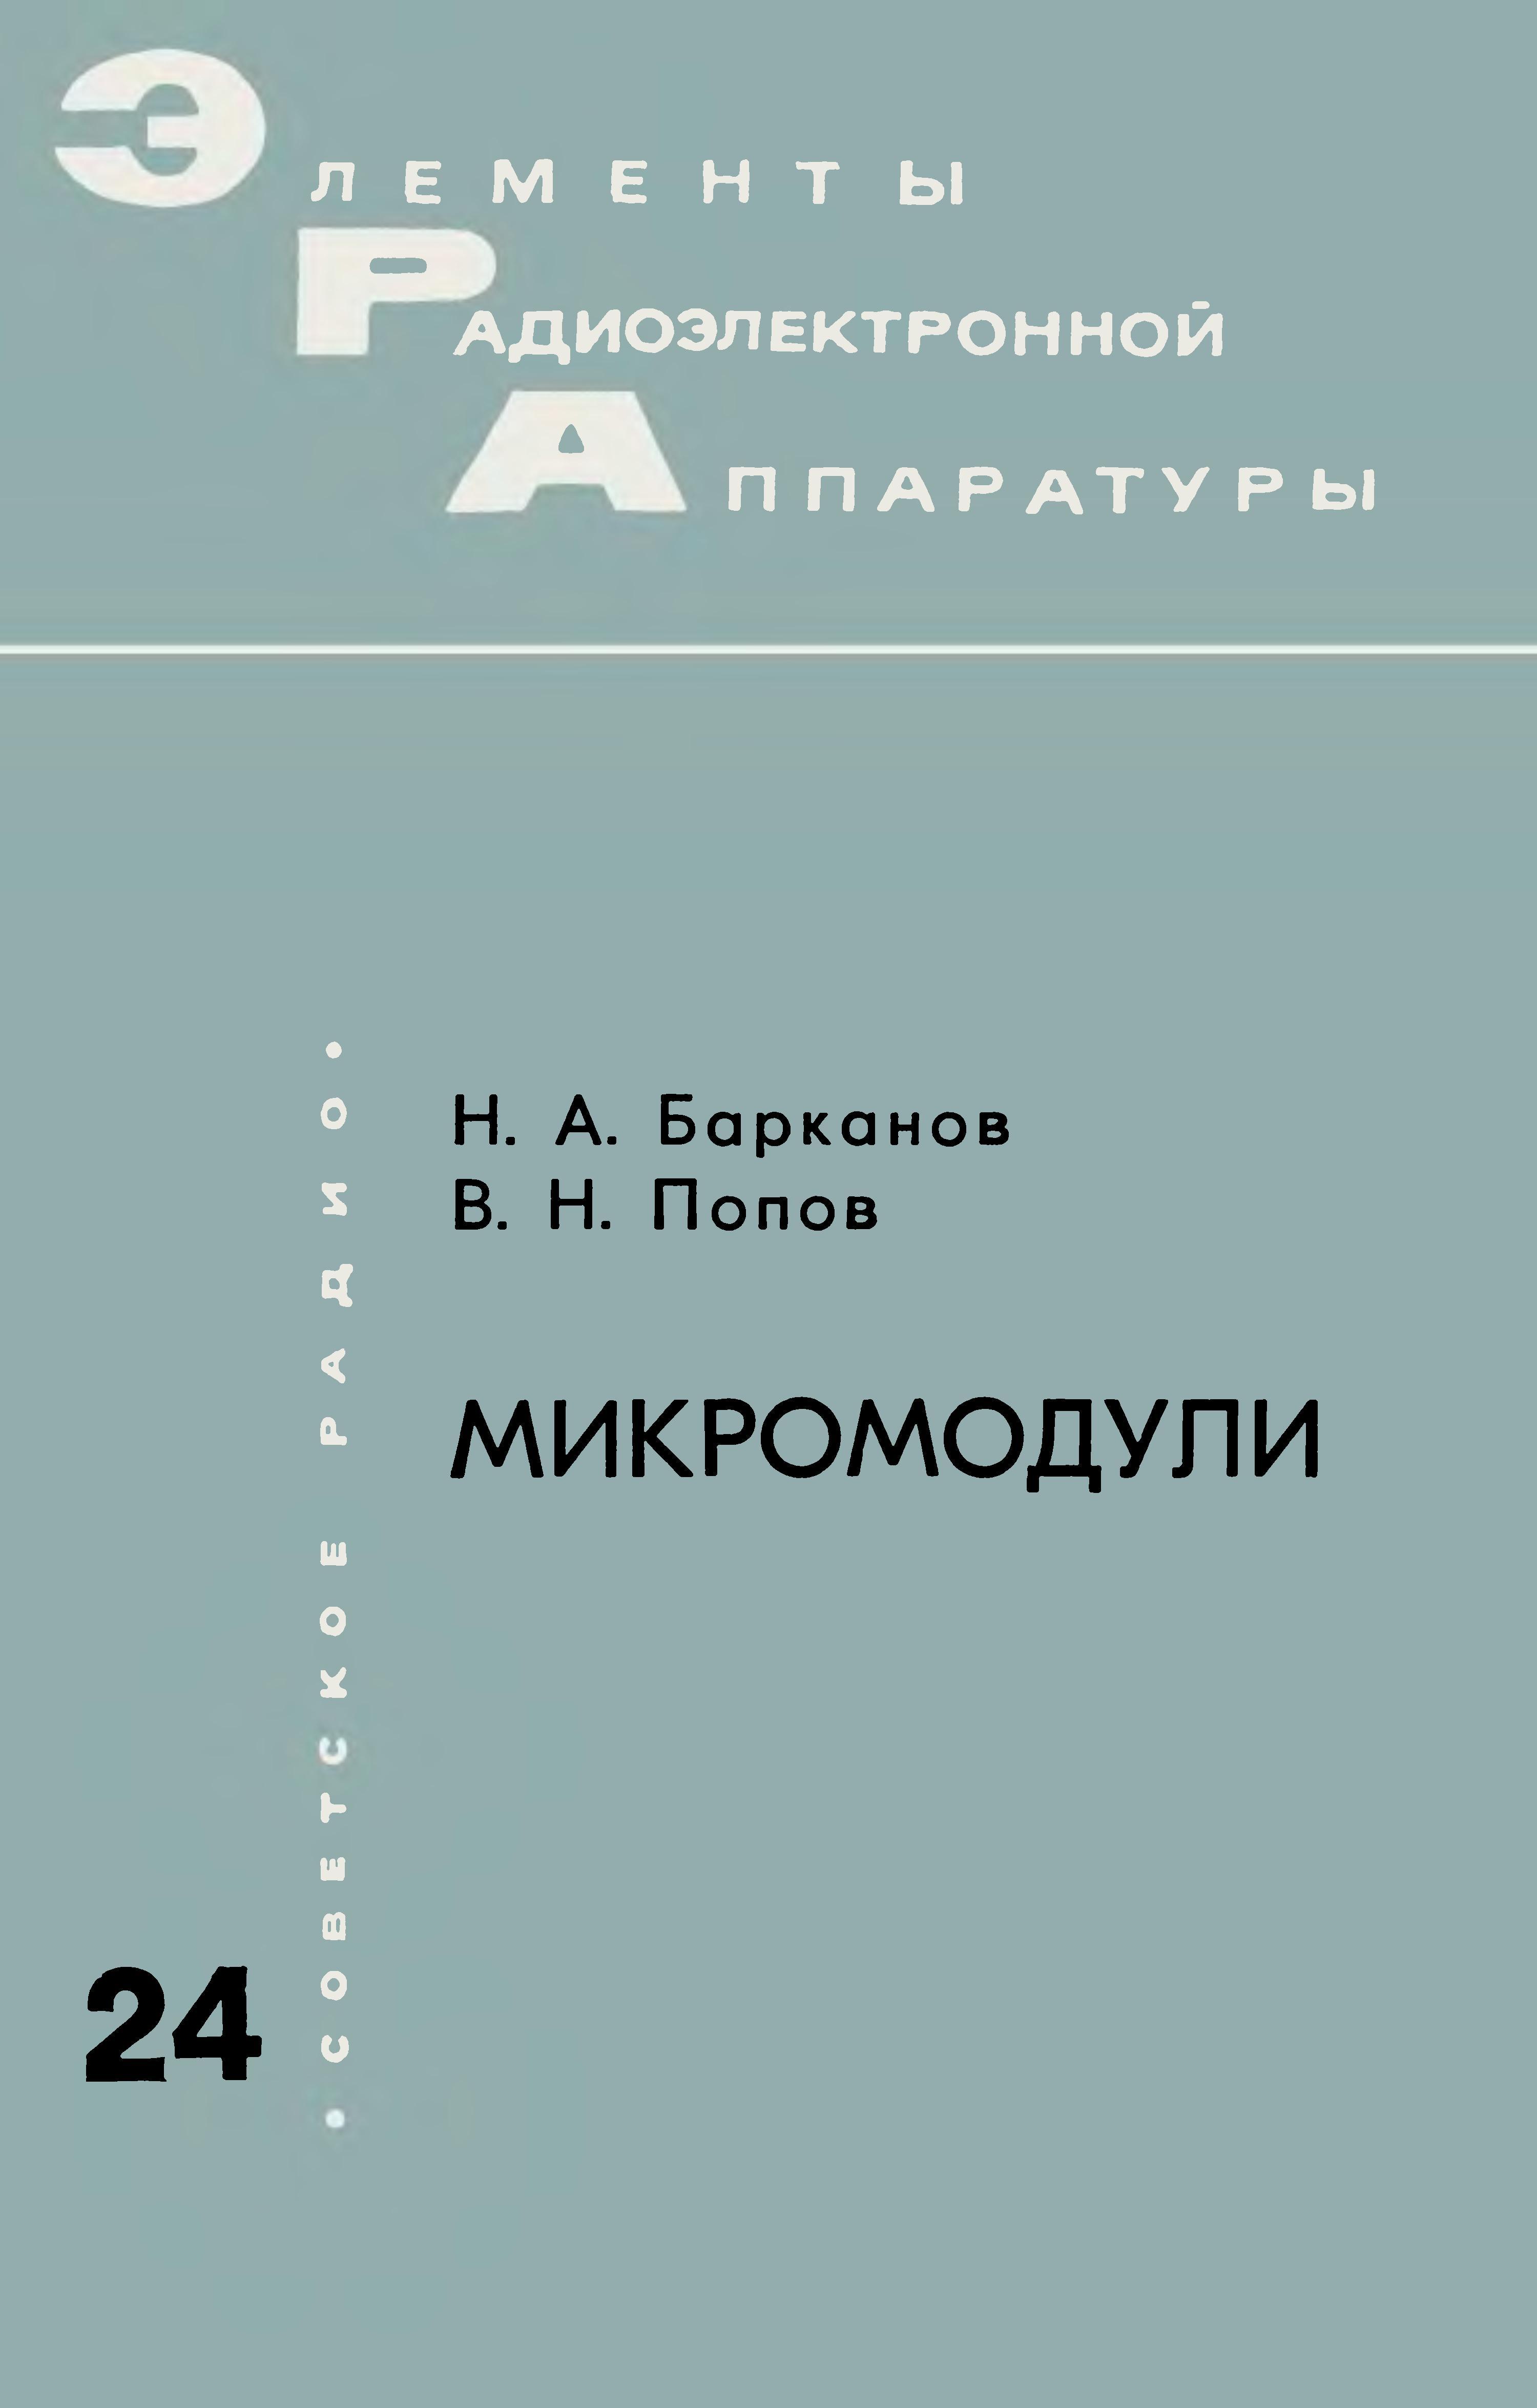 Элементы радиоэлектронной аппаратуры. Вып. 24. Микромодули — обложка книги.